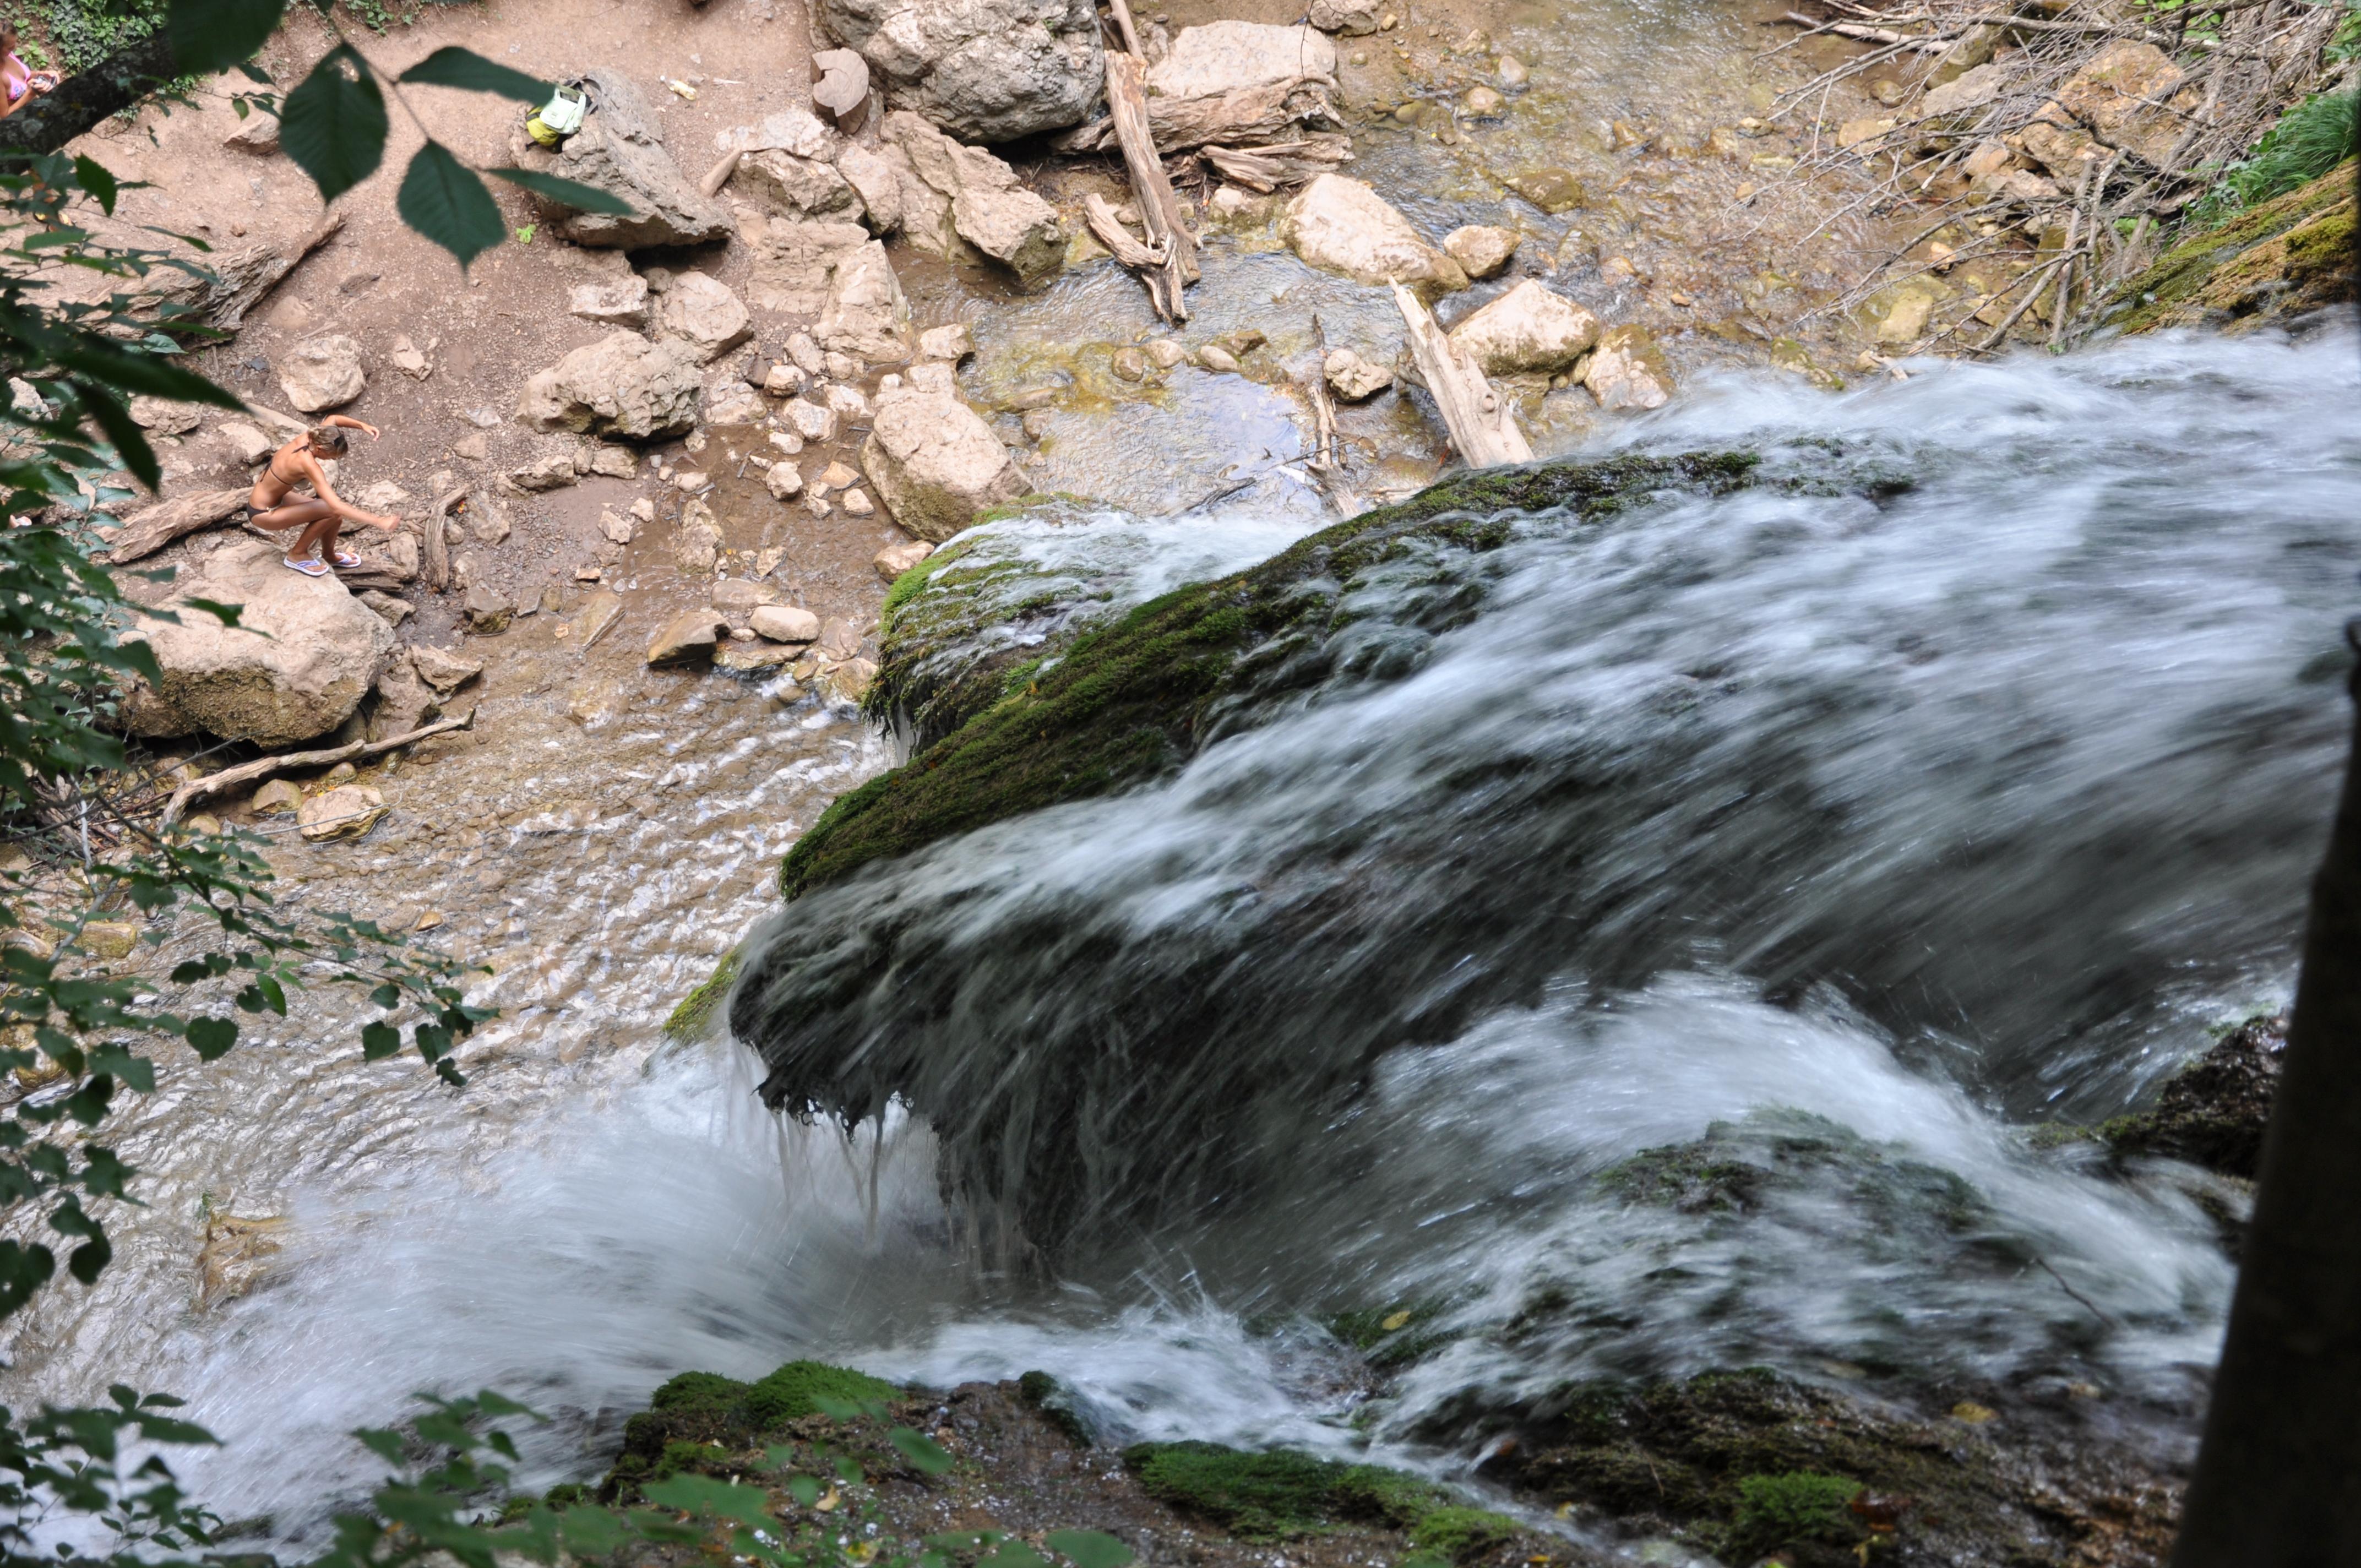 Водопад Джур-джур, вид сверху